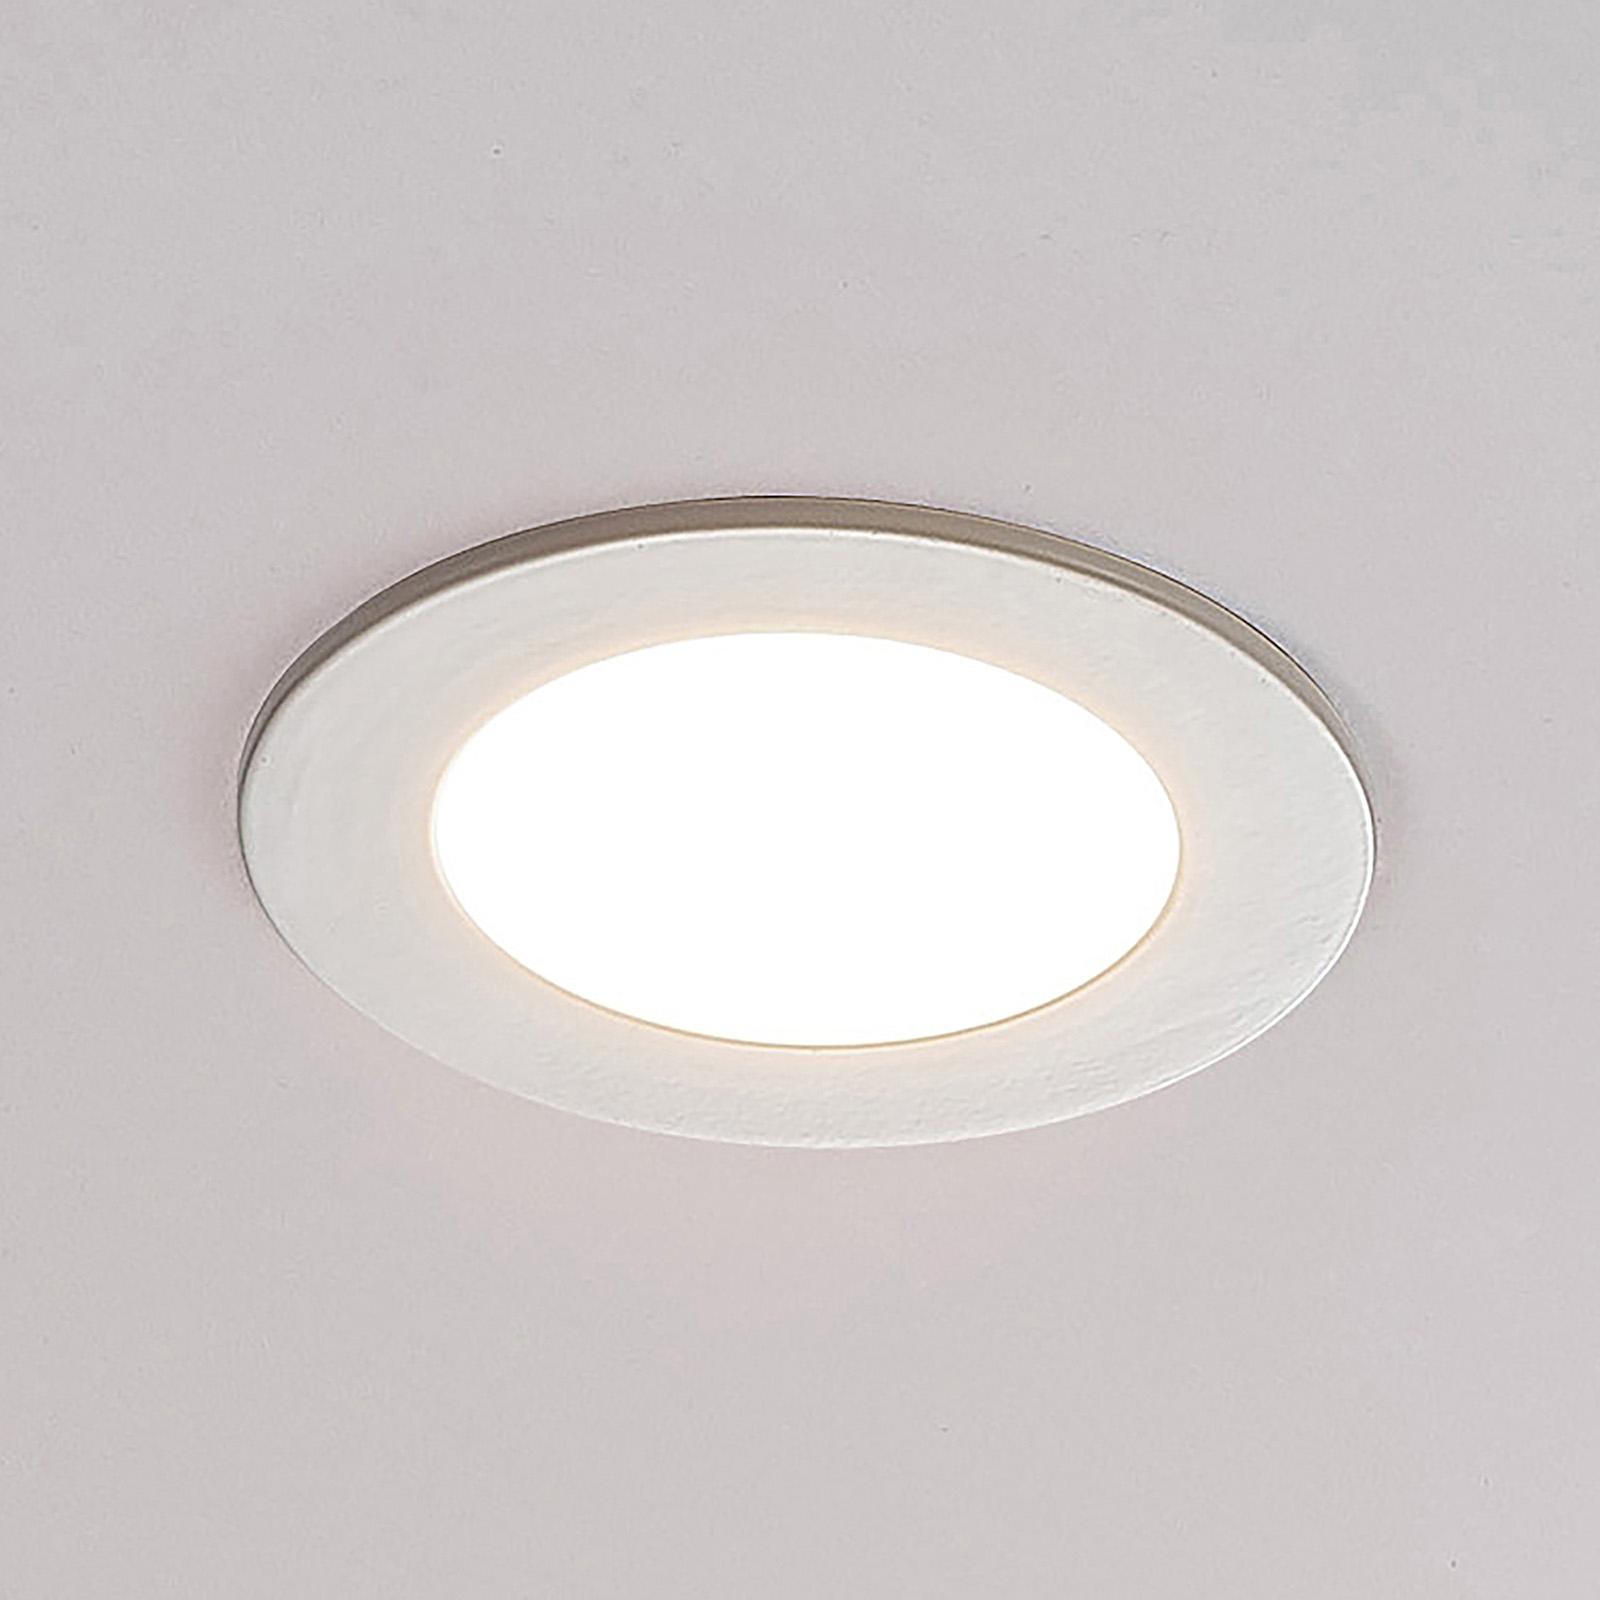 ELC Jupiter LED-uppovalaisin, 3 kpl, valkoinen